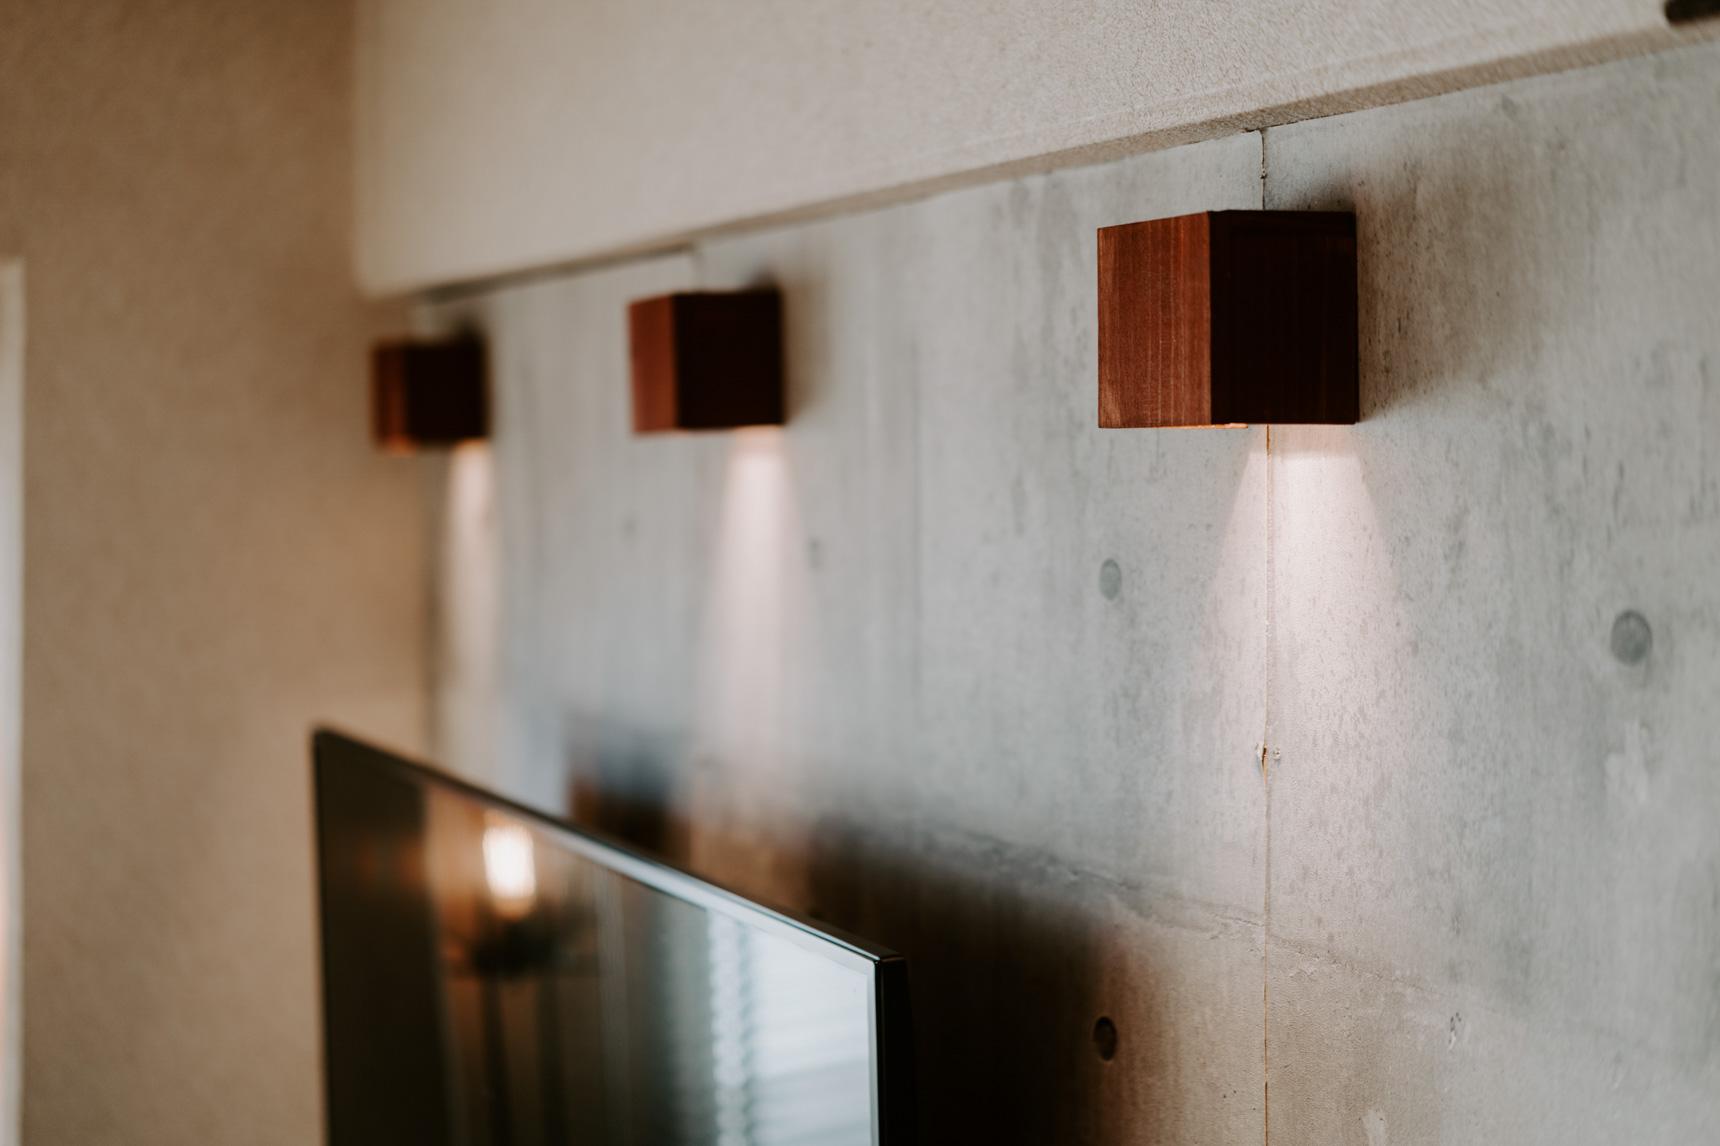 照明やテレビの配線は壁の後ろ側に隠せるため、かなりすっきり見えます。